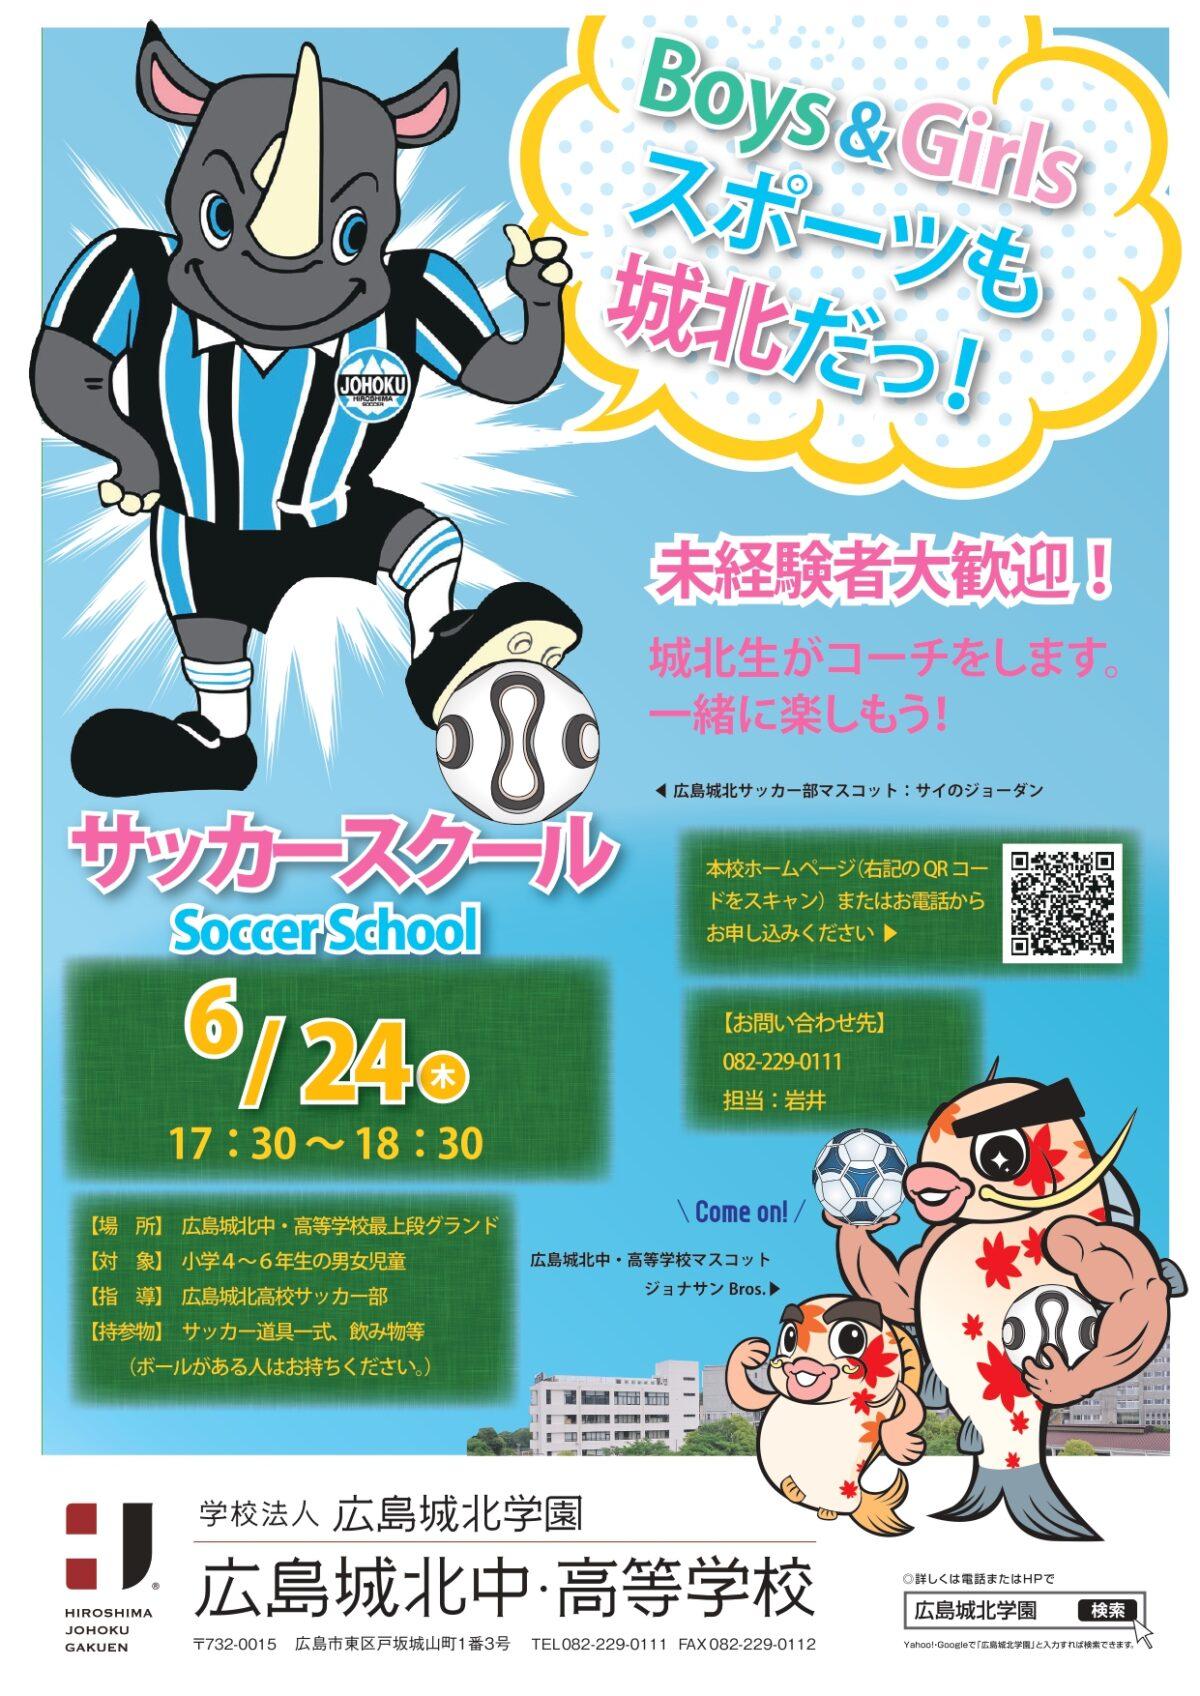 広島城北学園サッカースクールのお知らせ